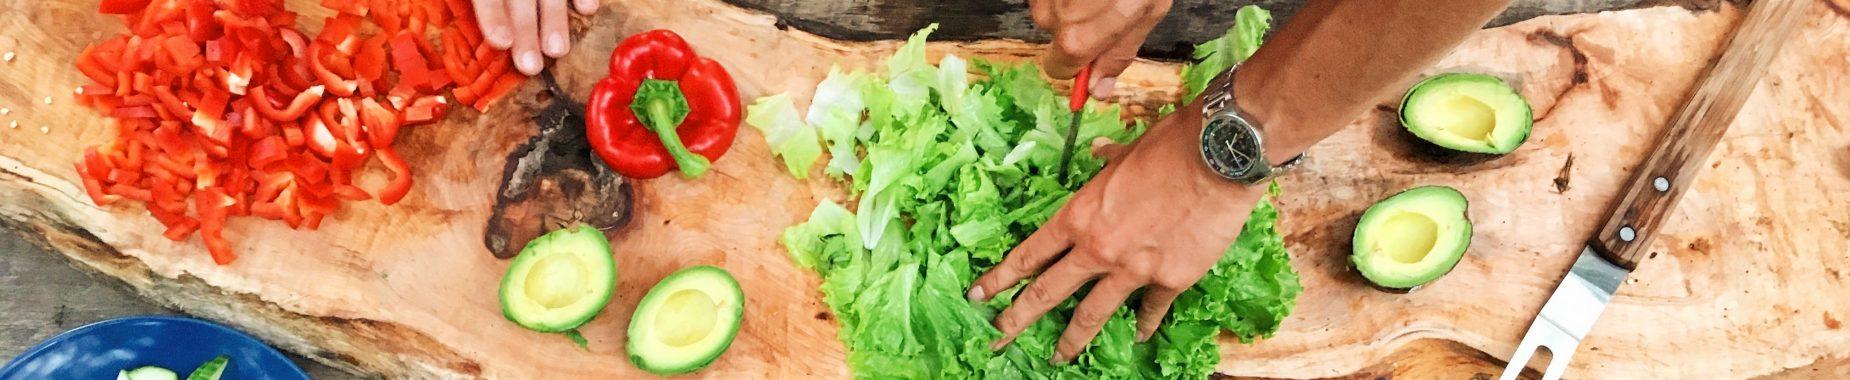 hænder der snitter forskellige grøntsager